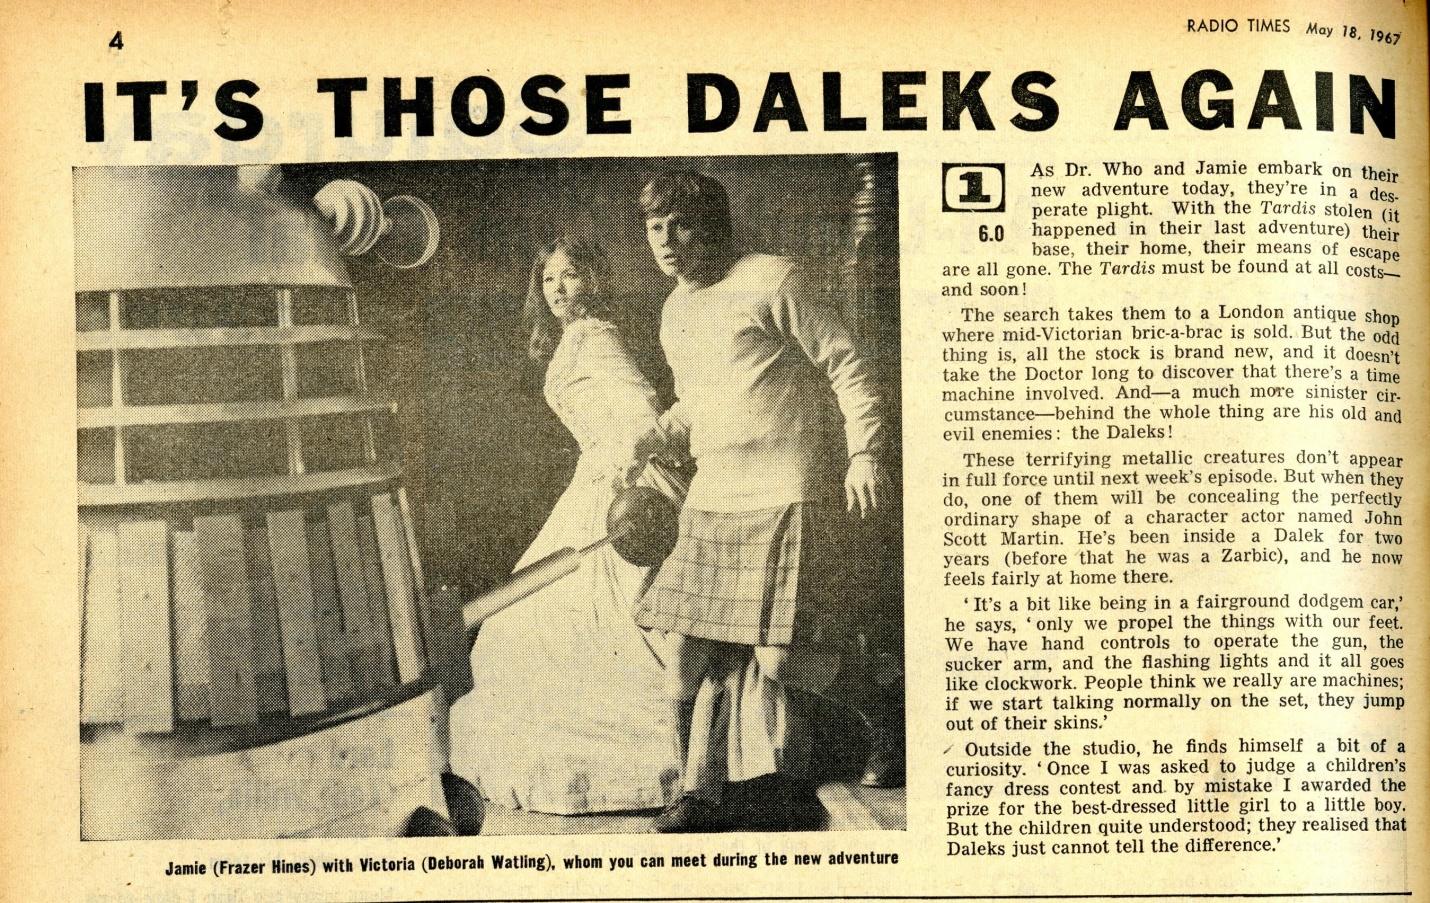 Radio Times, 20-26 May 1967